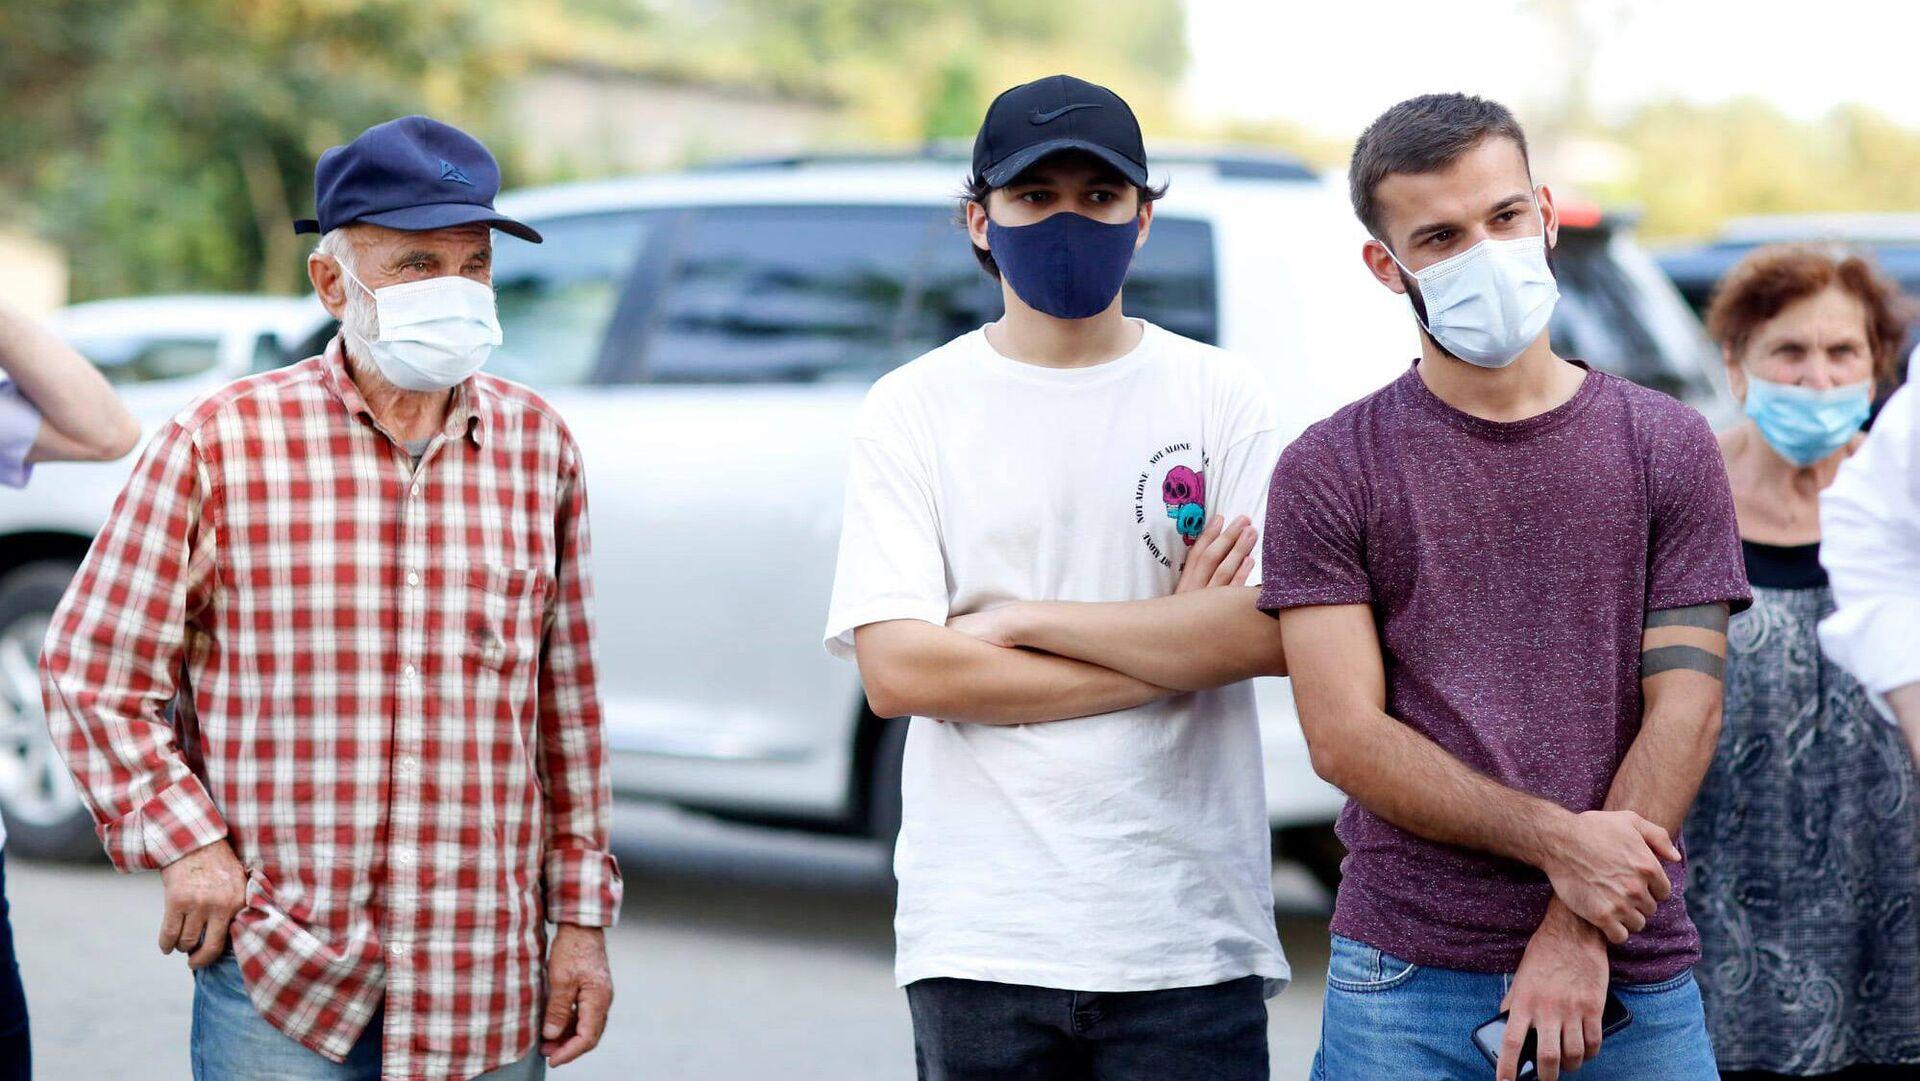 Эпидемия коронавируса - избиратели на предвыборной встрече в масках - Sputnik Грузия, 1920, 05.09.2021